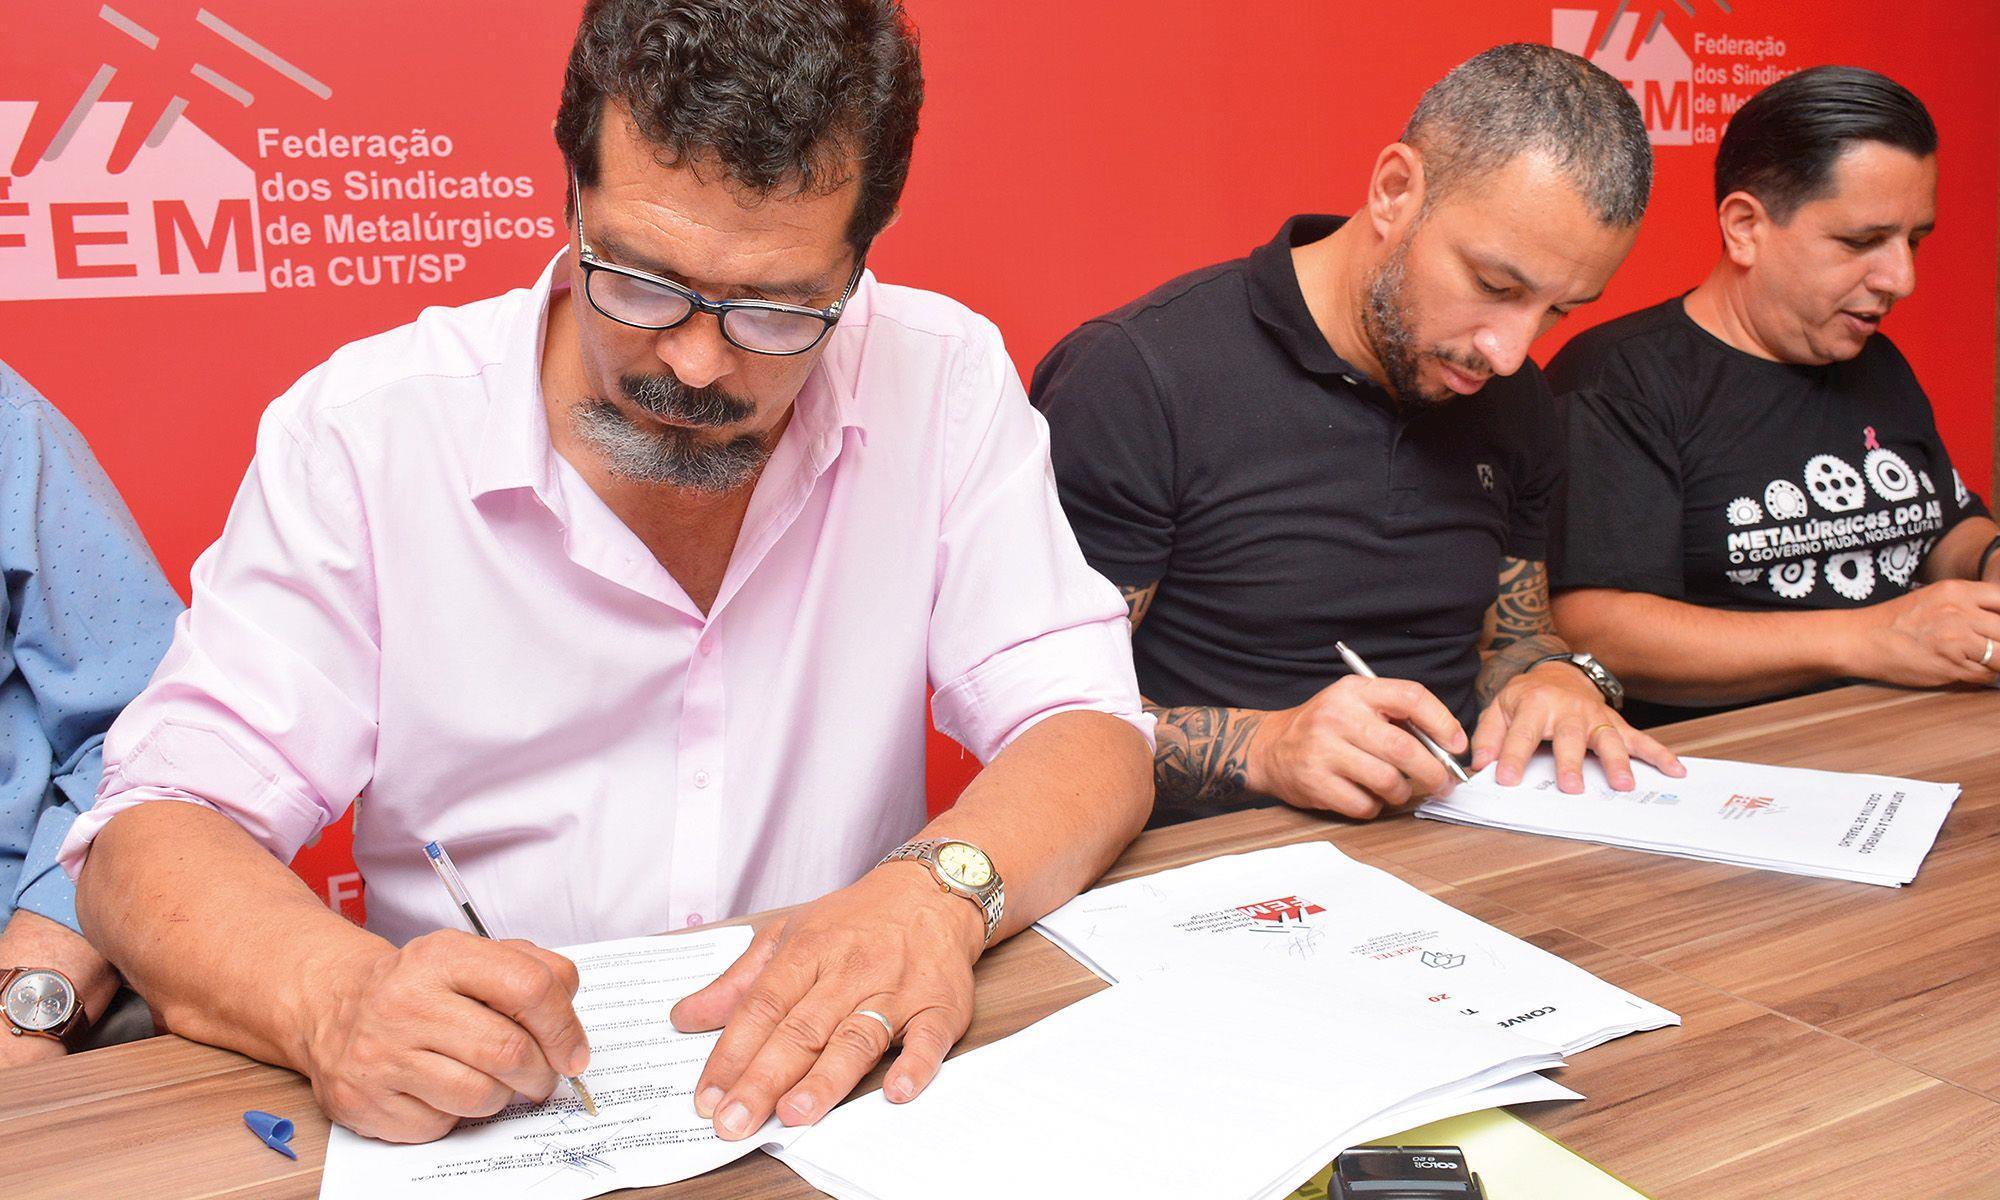 luizão, fem, cut, cct, convenção, assinatura,, Foguinho/Imprensa SMetal